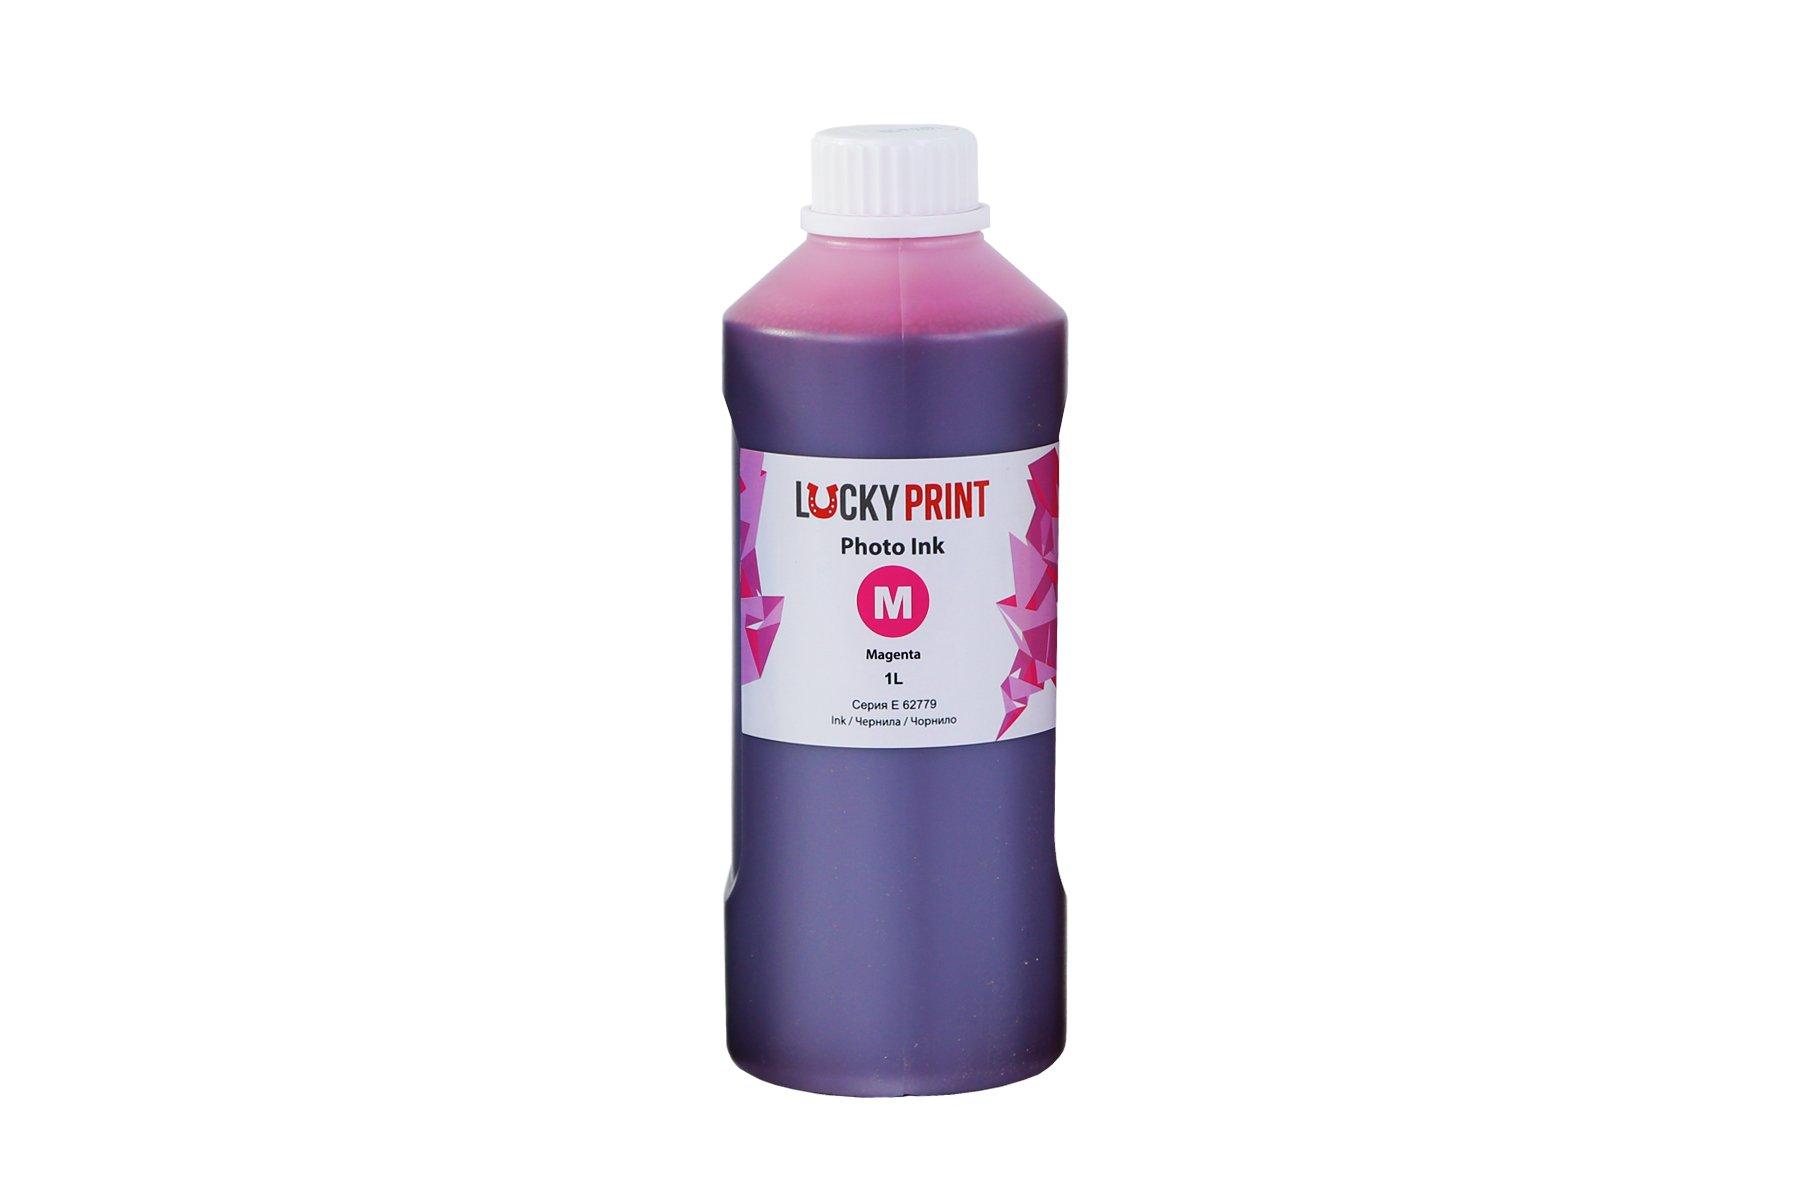 Купить Фоточернила (водорастворимые) Lucky Print для Epson L810 Magenta (1L)